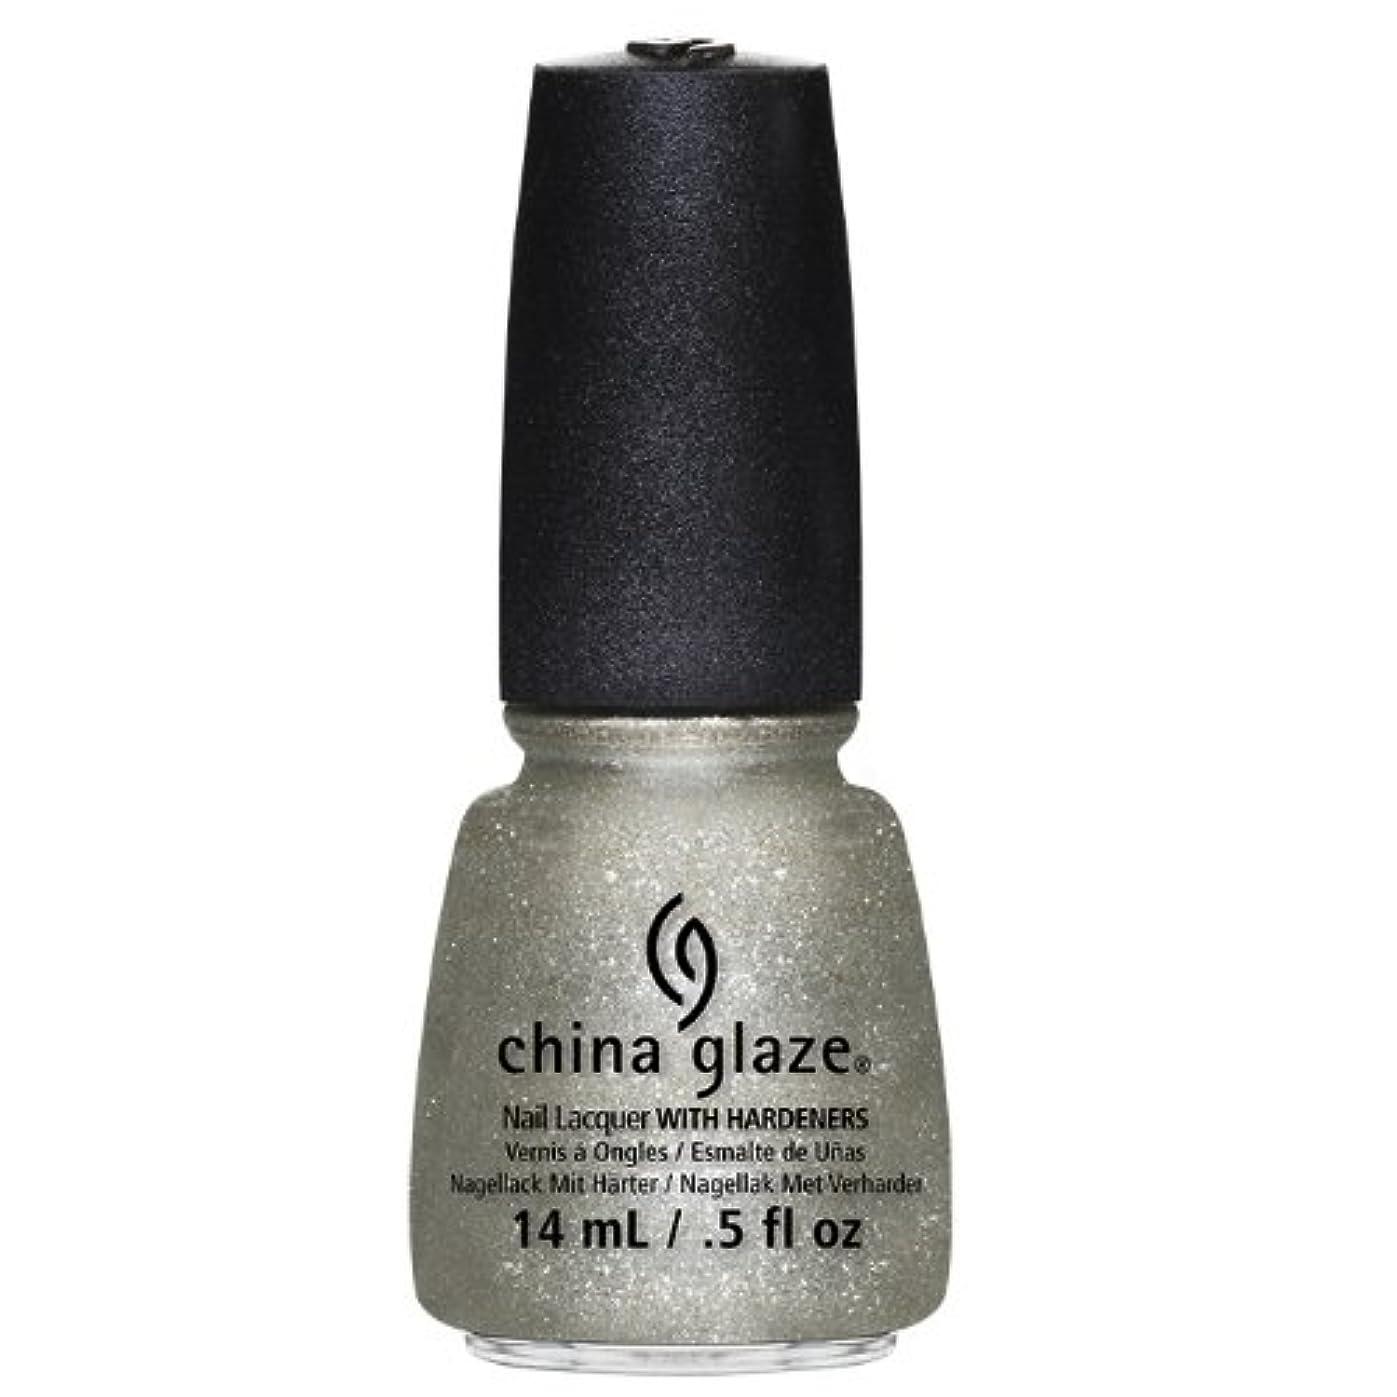 踏みつけ批判的に繕う(3 Pack) CHINA GLAZE Nail Lacquer - Autumn Nights - Gossip Over Gimlets (並行輸入品)